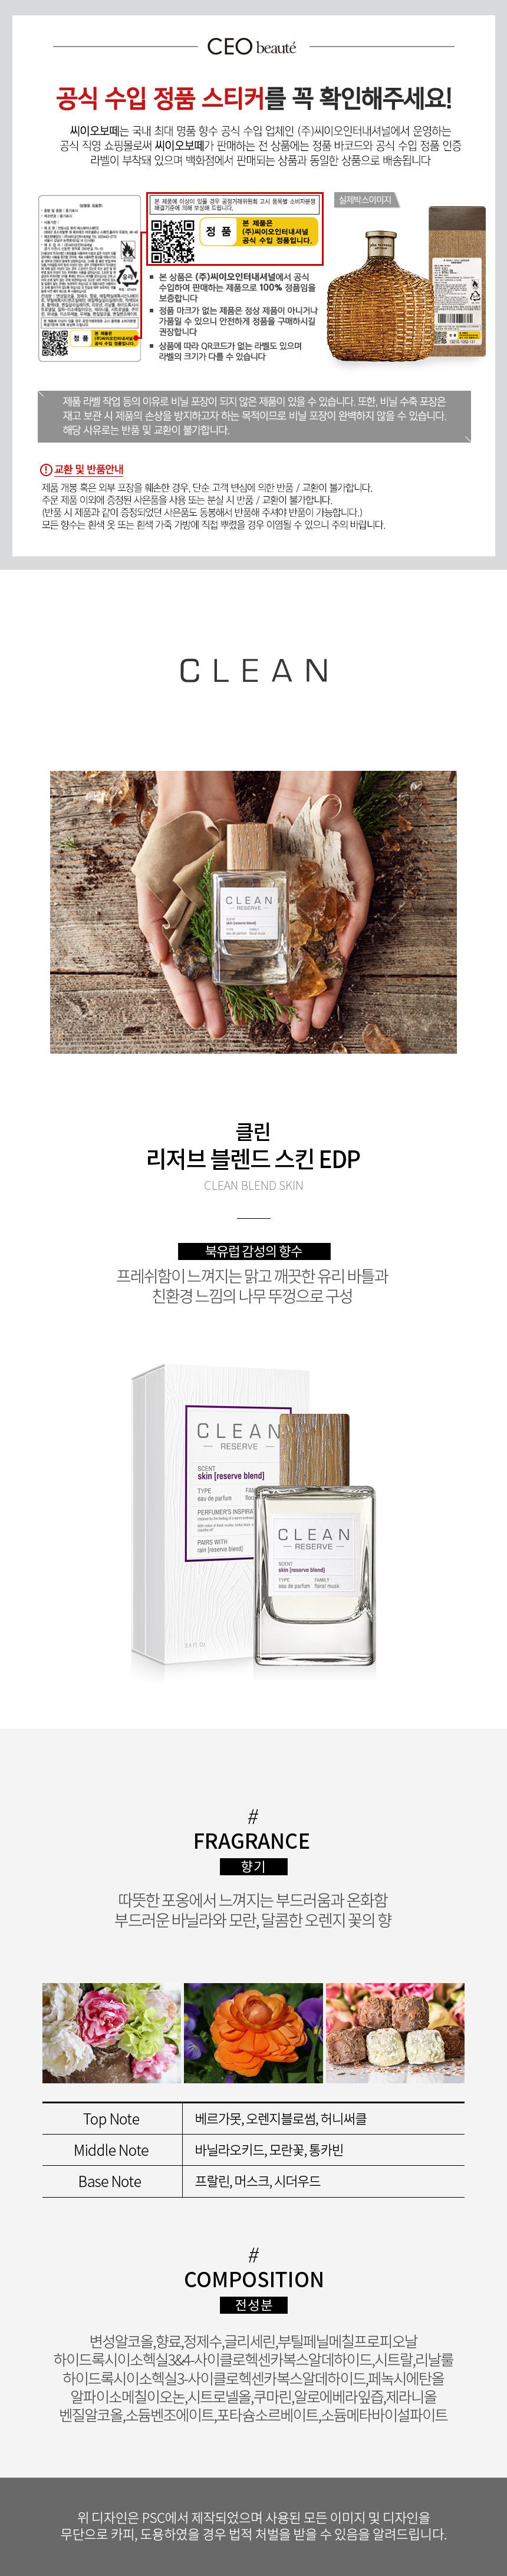 clean_blend_skin_page.jpg